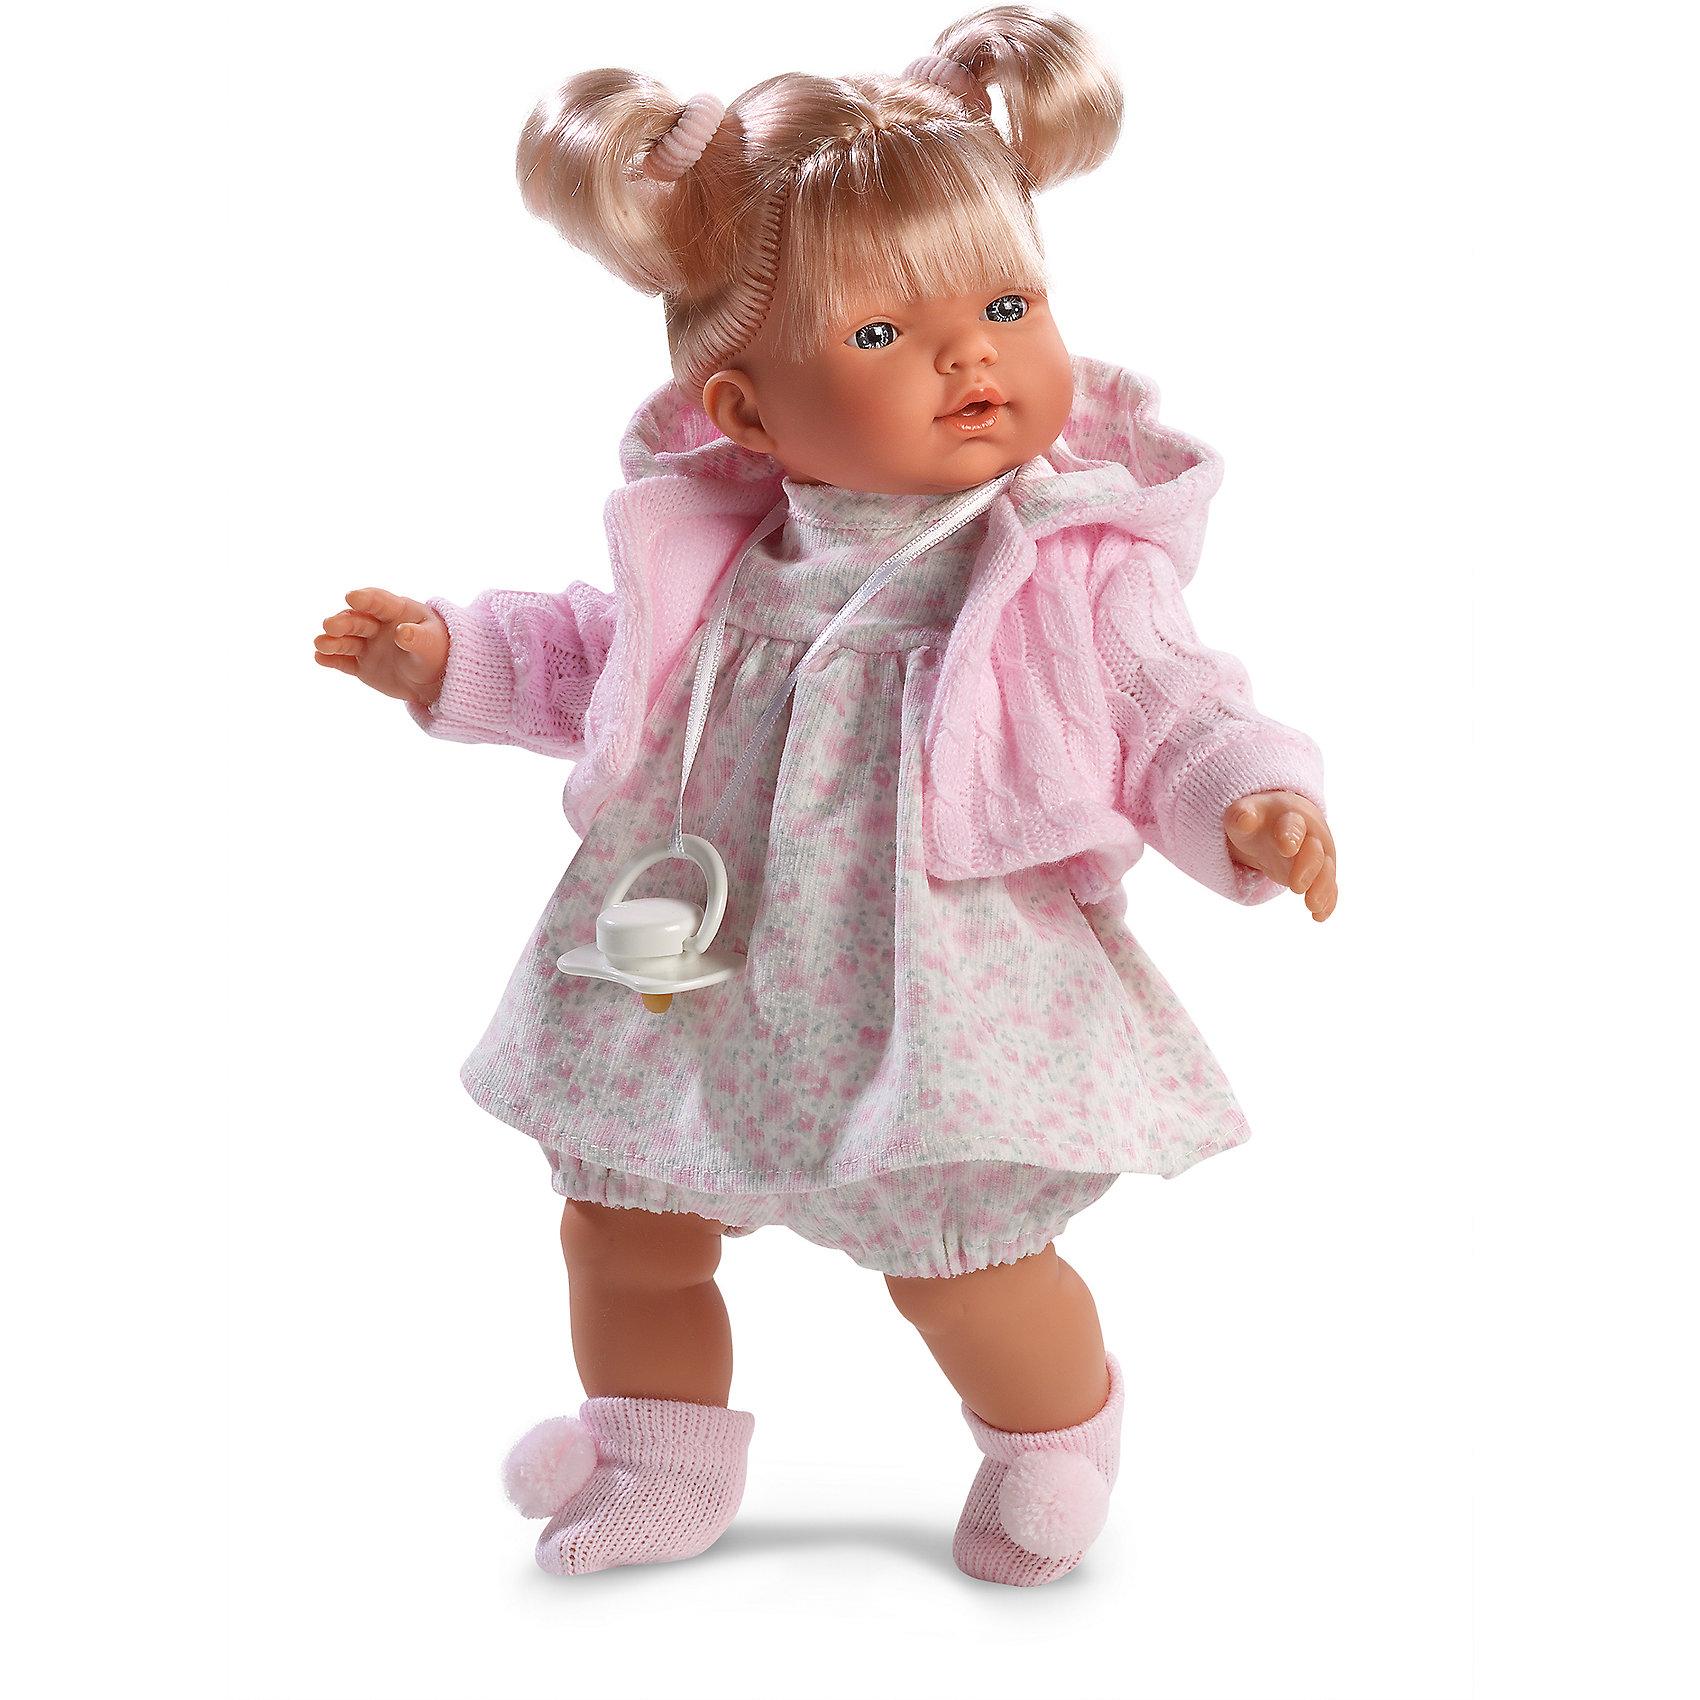 Кукла Хейди, 33 см, LlorensКлассические куклы<br>Характеристики:<br><br>• Предназначение: для сюжетно-ролевых игр<br>• Тип куклы: мягконабивная<br>• Пол куклы: девочка <br>• Цвет волос: блондинка<br>• Материал: поливинилхлорид, пластик, нейлон, текстиль<br>• Цвет: розовый, белый, серый<br>• Высота куклы: 33 см<br>• Комплектация: кукла, платье, вязаная кофточка с капюшоном, носочки, пустышка на ленточке<br>• Вес: 660 г<br>• Размеры упаковки (Д*В*Ш): 20*37*10 см<br>• Упаковка: подарочная картонная коробка <br>• Особенности ухода: допускается деликатная стирка без использования красящих и отбеливающих средств предметов одежды куклы<br><br>Кукла Хейди 33 см без звука – кукла, производителем которого является всемирно известный испанский кукольный бренд Llorens. Куклы этой торговой марки имеют свою неповторимую внешность и целую линейку образов как пупсов, так и кукол-малышей. Игрушки выполнены из сочетания поливинилхлорида и пластика, что позволяет с высокой долей достоверности воссоздать физиологические и мимические особенности маленьких детей. При изготовлении кукол Llorens используются только сертифицированные материалы, безопасные и не вызывающие аллергических реакций. Волосы у кукол отличаются густотой, шелковистостью и блеском, при расчесывании они не выпадают и не ломаются.<br>Кукла Хейди 33 см без звука выполнена в образе малышки: блондинка с голубыми глазами и задорными хвостиками, которые собраны розовыми резиночками. В комплект одежды Хейди входит платьице в нежный цветочный принт, вязаная кофточка с капюшоном и носочки с помпонами. У малышки имеется соска на ленточке. <br>Кукла Хейди 33 см без звука – это идеальный вариант для подарка к различным праздникам и торжествам.<br><br>Куклу Хейди 33 см без звука можно купить в нашем интернет-магазине.<br><br>Ширина мм: 20<br>Глубина мм: 37<br>Высота мм: 10<br>Вес г: 660<br>Возраст от месяцев: 36<br>Возраст до месяцев: 84<br>Пол: Женский<br>Возраст: Детский<br>SKU: 5086896